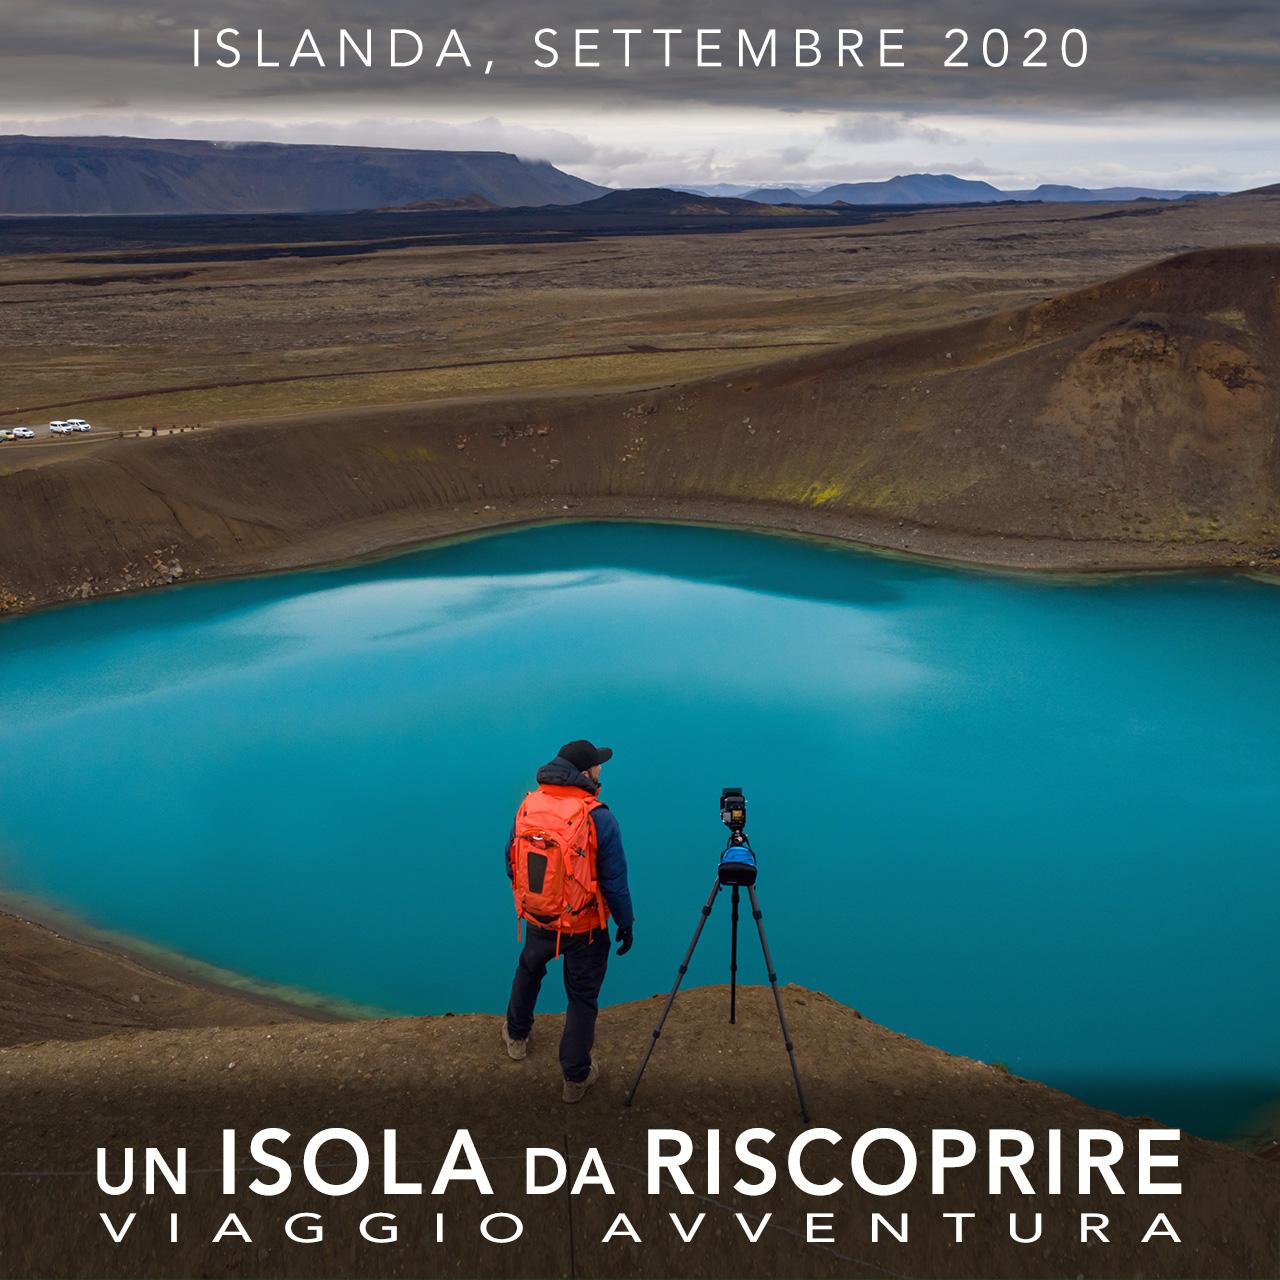 Viaggi di Gruppo  2020_09_20_ISLANDA_2A [ANTEPRIMA] SETTEMBRE 2020. Un isola da riscoprire